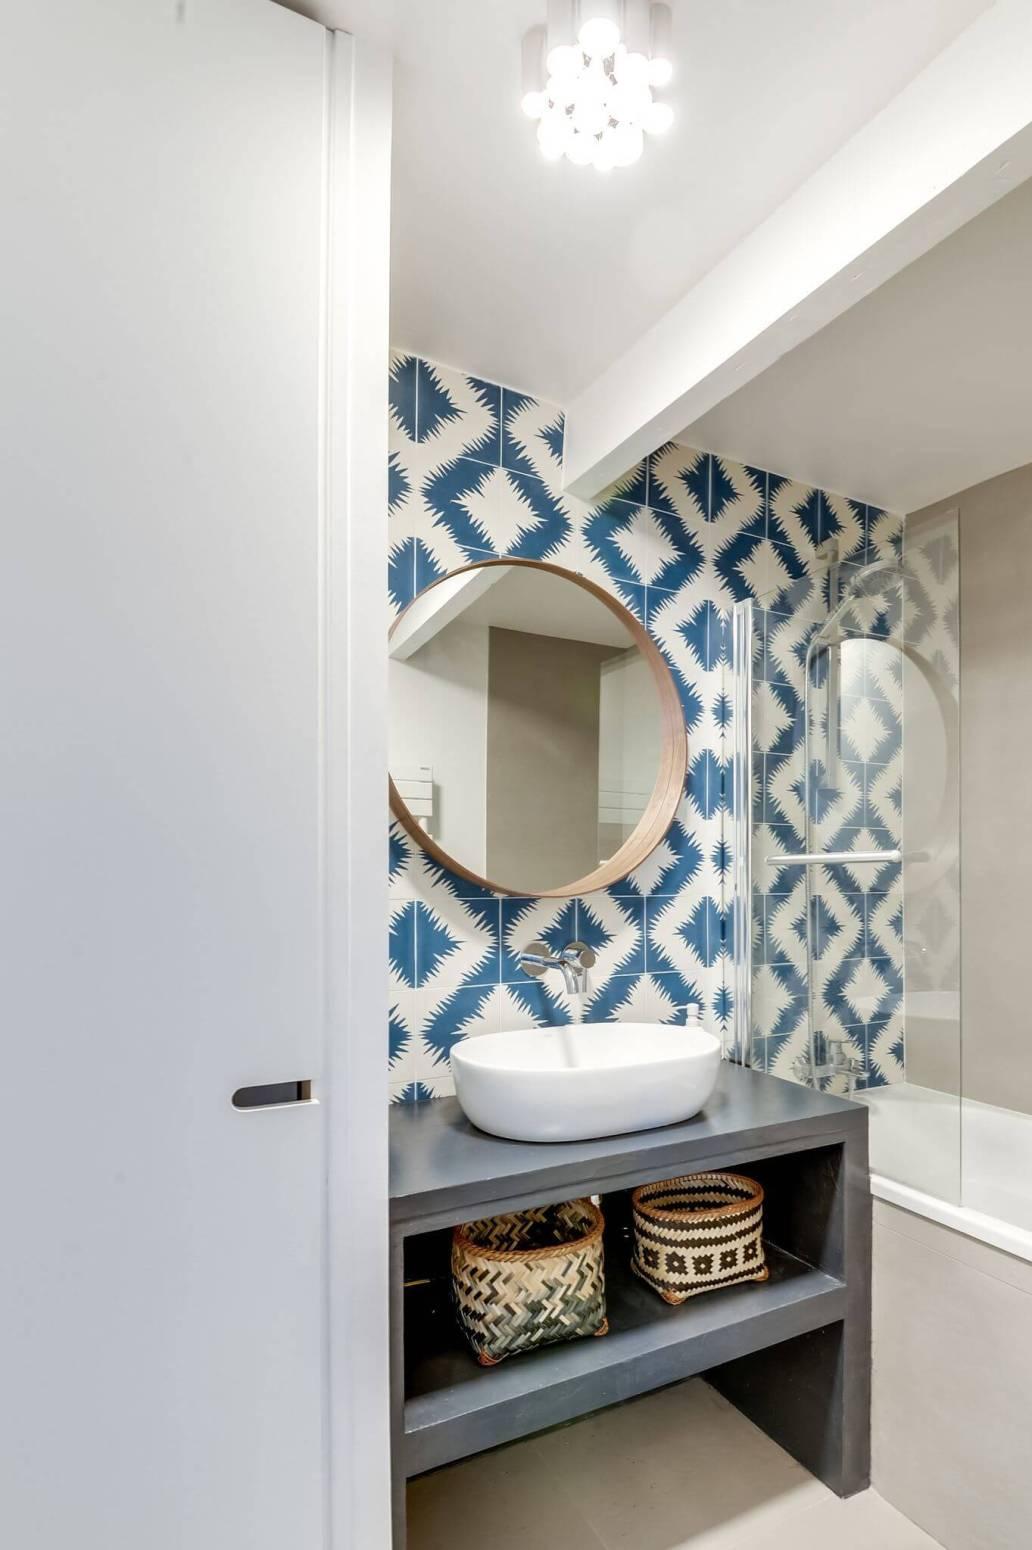 petite salle de bains ambiance ethnique 5746293 2 - Salle de bains ancienne : 8 astuces pour la rénover !